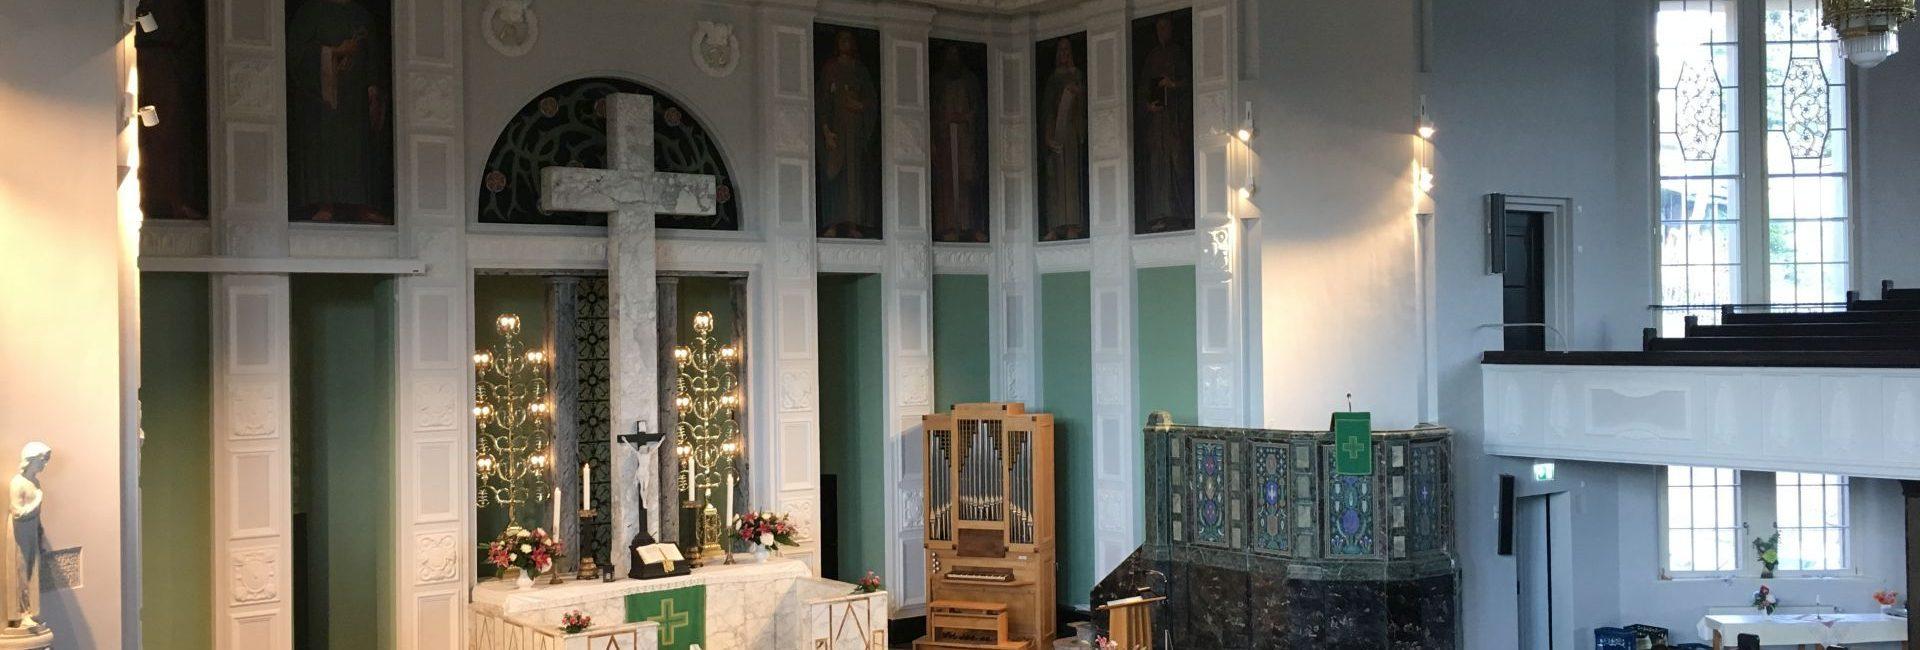 Friedenskirche Aue Zelle Ueberarbeitung der Holz und Metallflaechen der Orgel 3